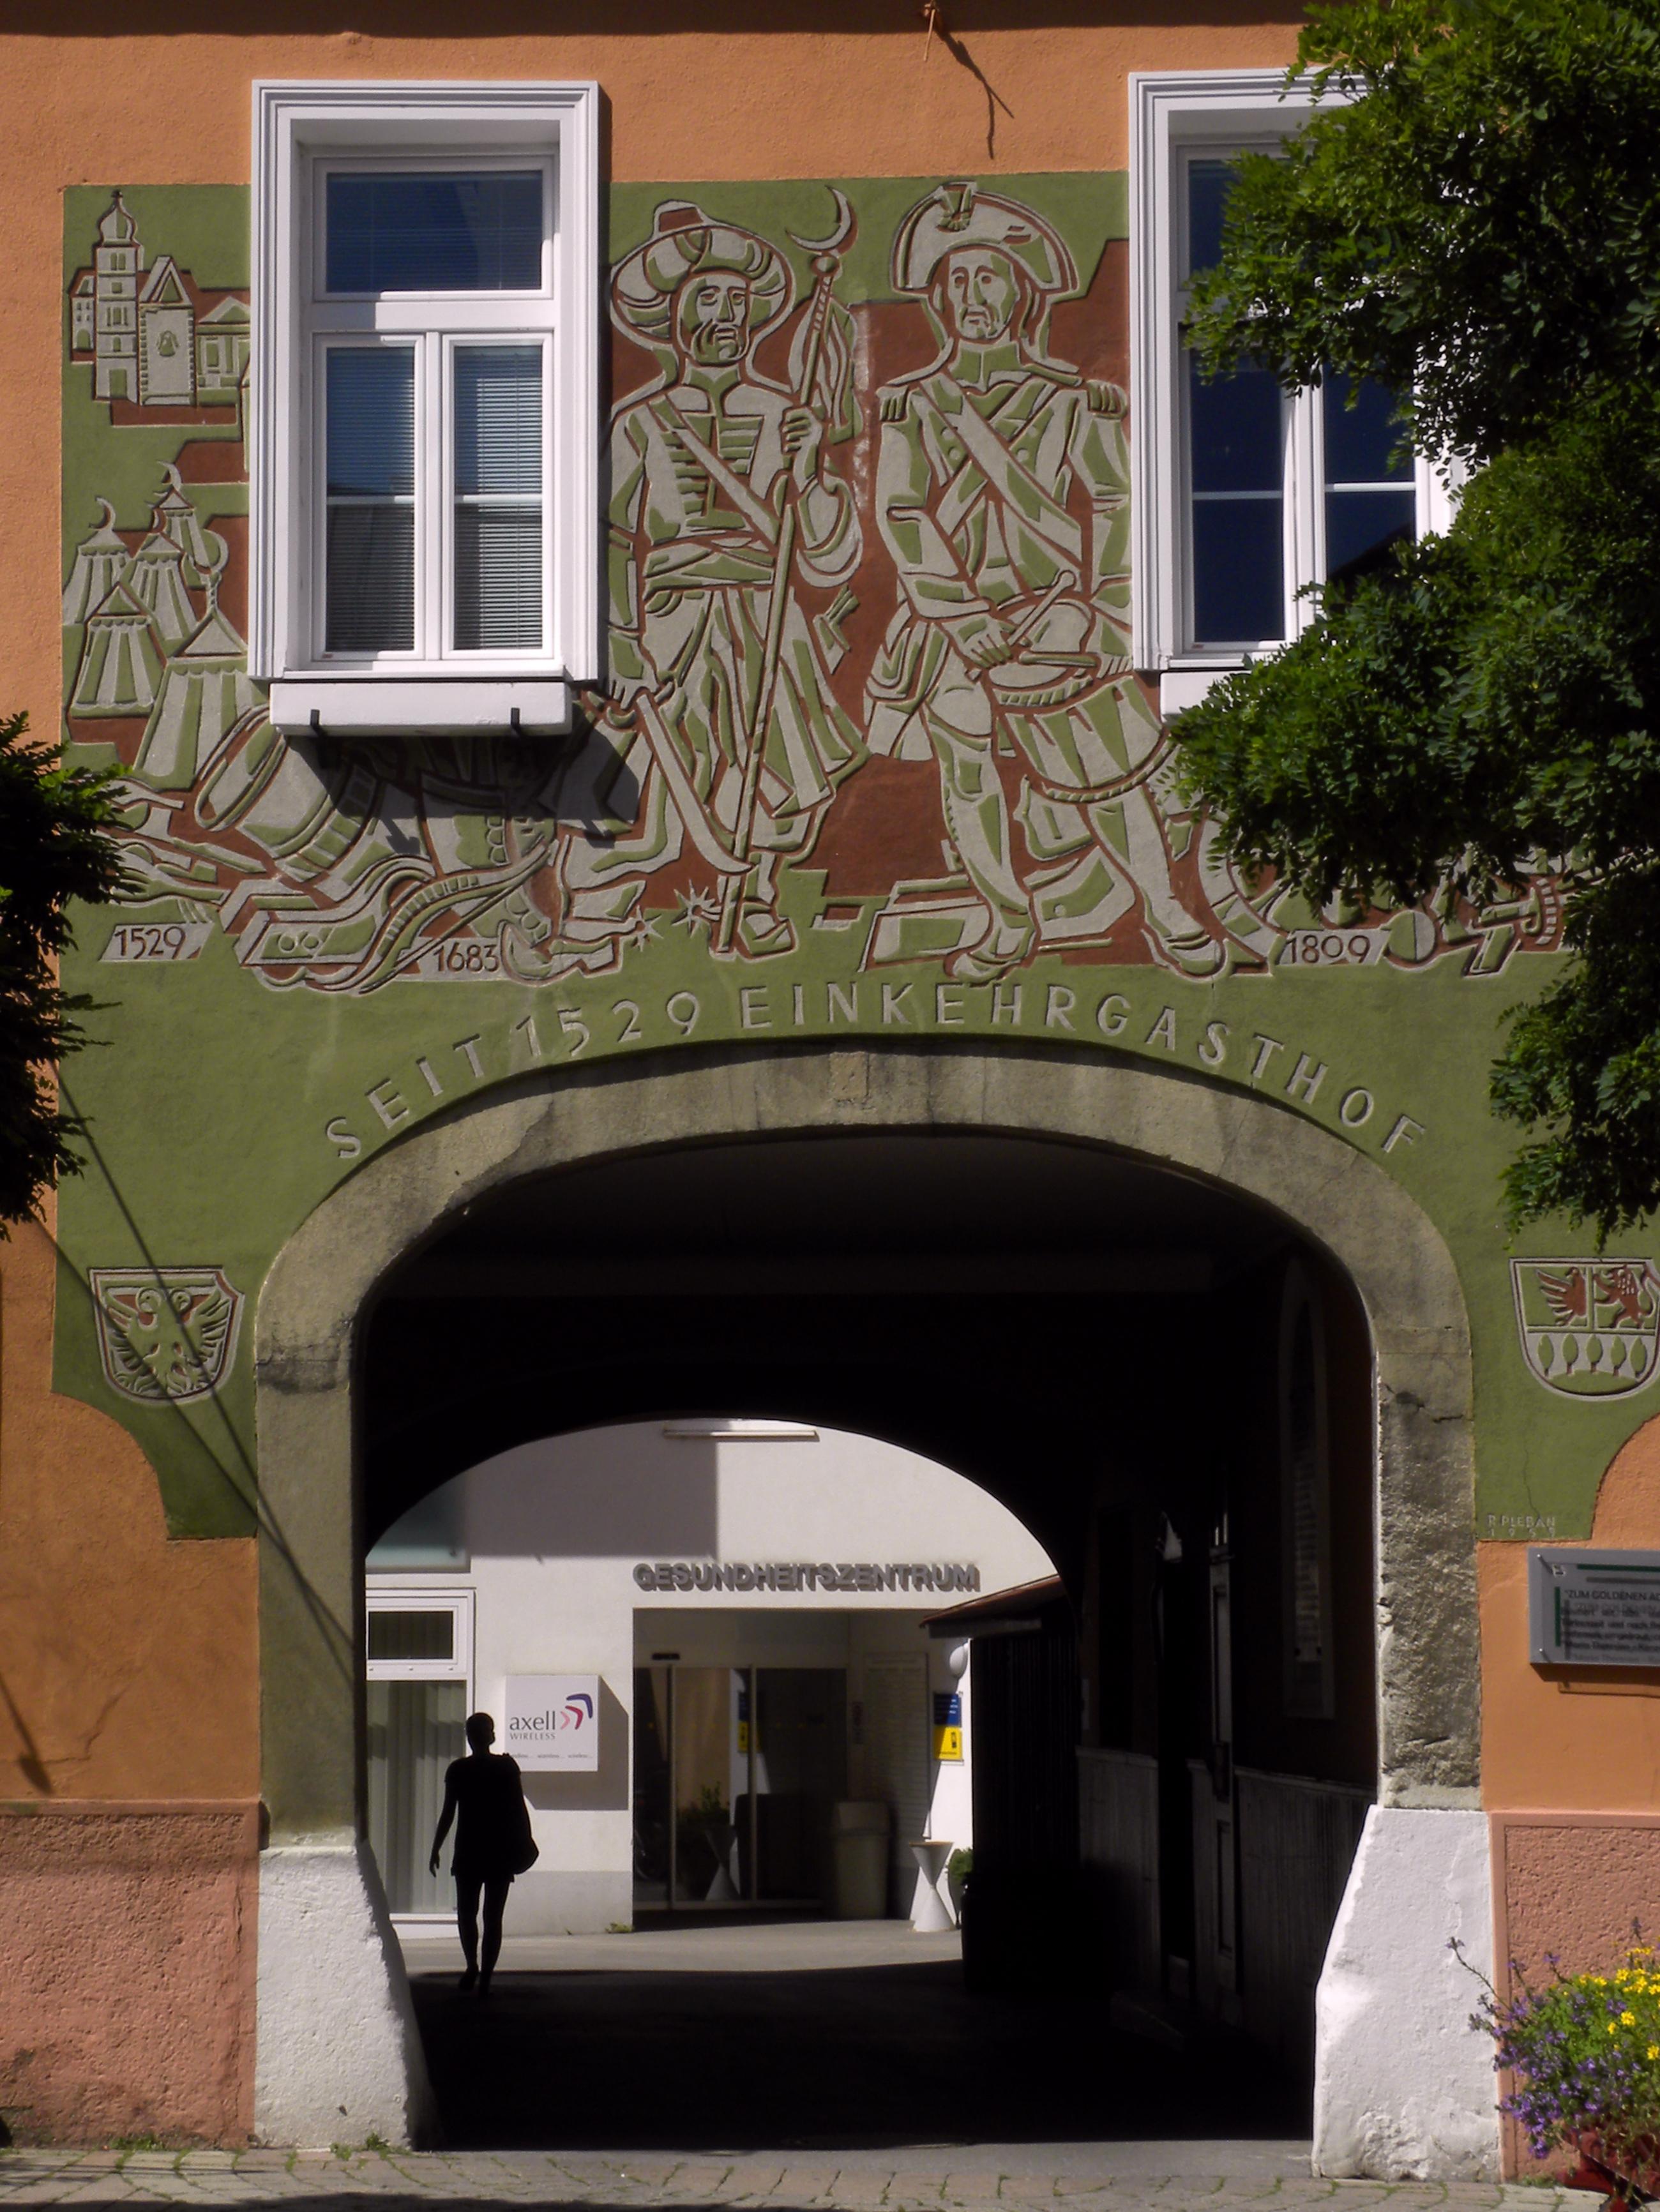 File:Purkersdorf Hauptplatz 10 Gasthof zum Goldenen